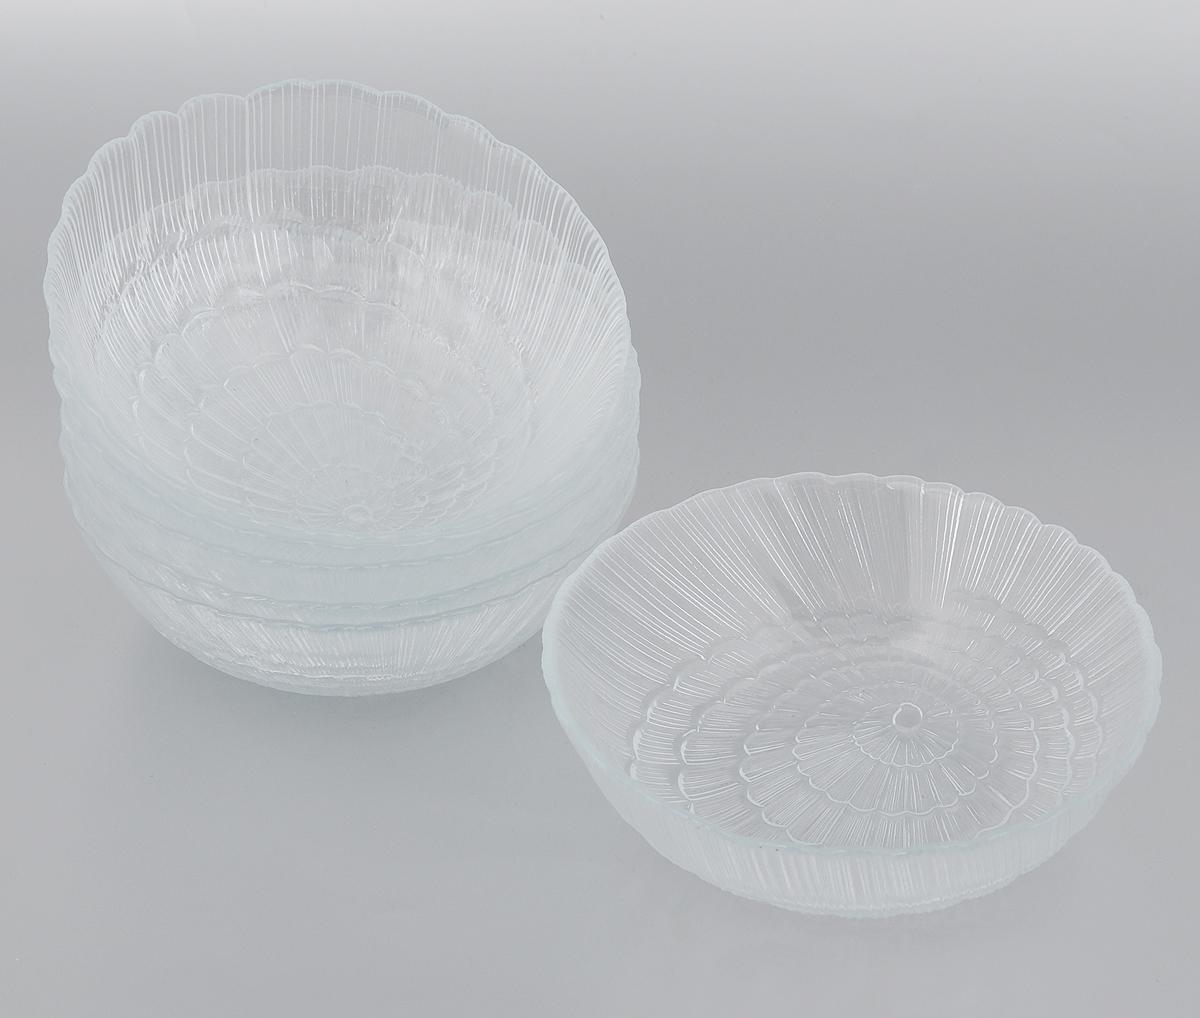 Набор салатников Pasabahce Atlantis, диаметр 15,5 см, 6 шт10250BНабор Pasabahce Atlantis, выполненный из высококачественного натрий-кальций-силикатного стекла, состоит из шести салатников. Внешние стенки изделий декорированы в виде ракушки. Такие салатники прекрасно подойдут для сервировки стола и станут достойным оформлением для ваших любимых блюд. Изящный дизайн, высокое качество и функциональность набора Pasabahce Atlantis позволят ему стать достойным дополнением к вашему кухонному инвентарю. Можно мыть в посудомоечной машине, использовать в микроволновой печи, холодильнике и морозильной камере. Диаметр салатника: 15,5 см.